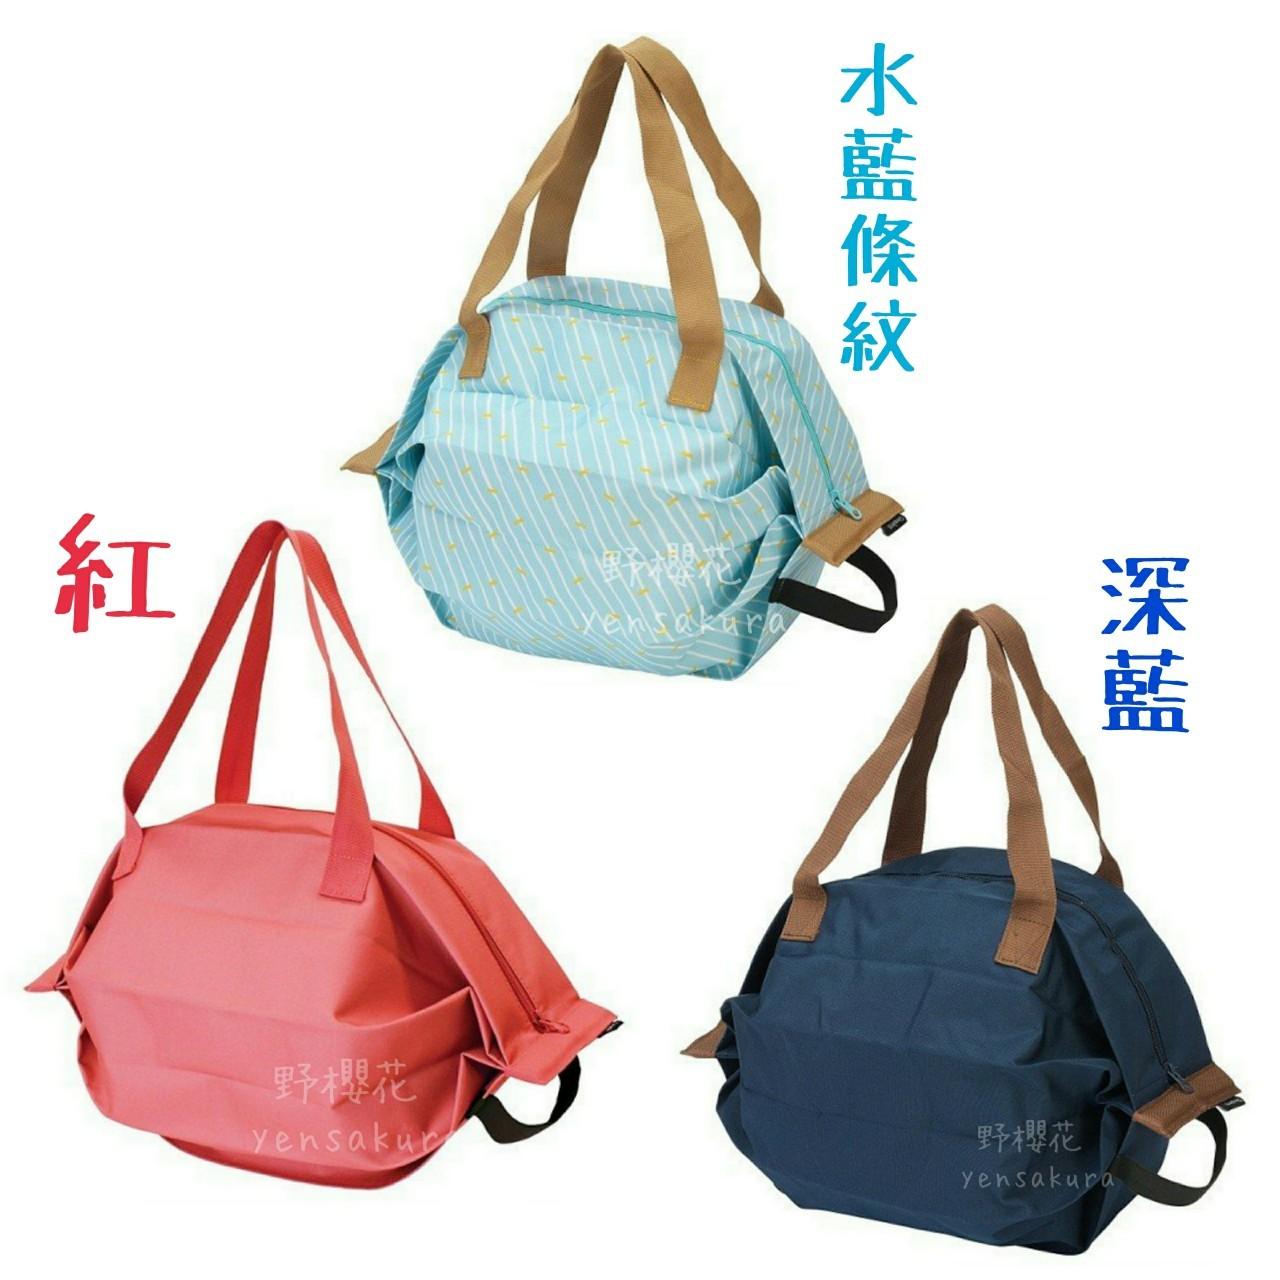 日本MARNA Shupatto 環保保冷袋 保溫袋M 可折疊口袋包 秒收袋 手提袋 手提包4976404444534 4976404444527[野櫻花]